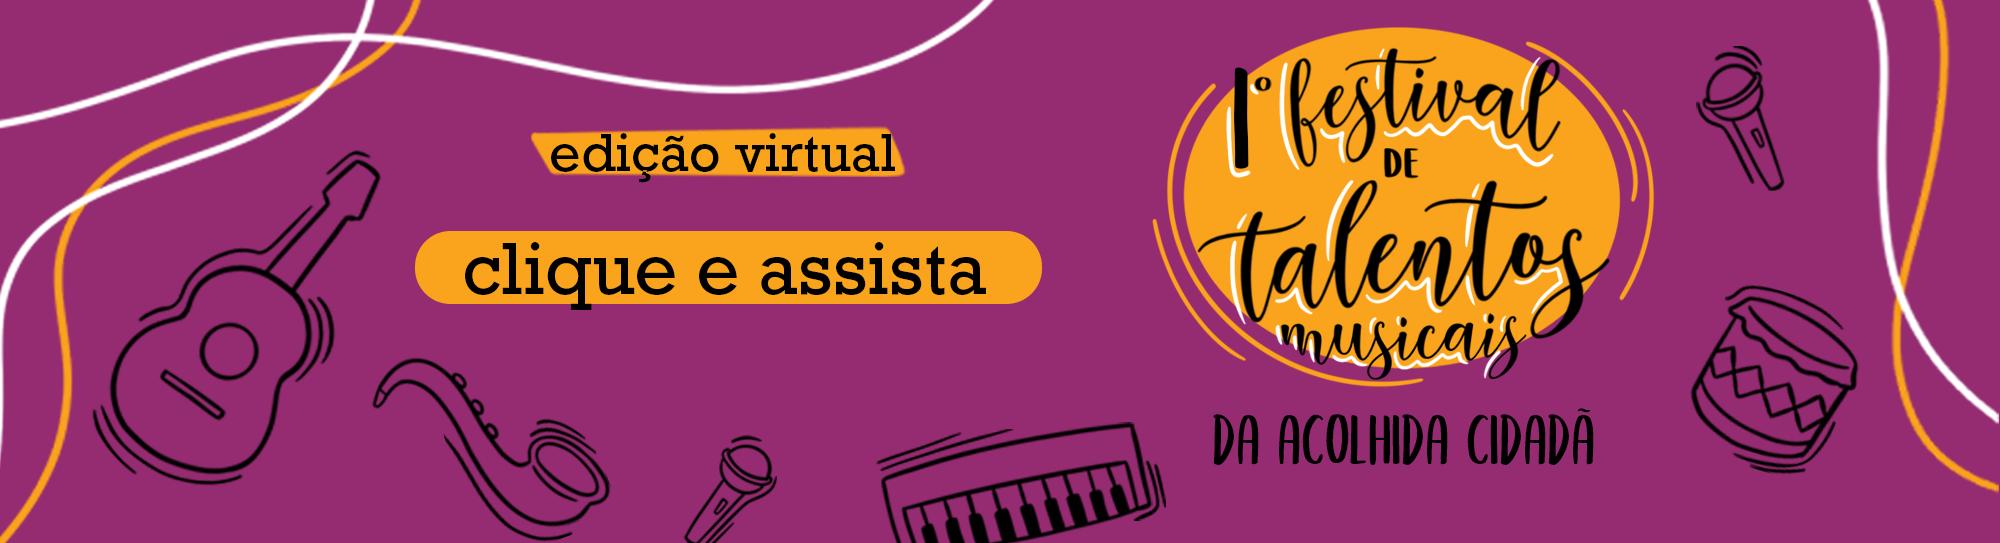 1º Festival de Talentos Musicais da Acolhida Cidadã